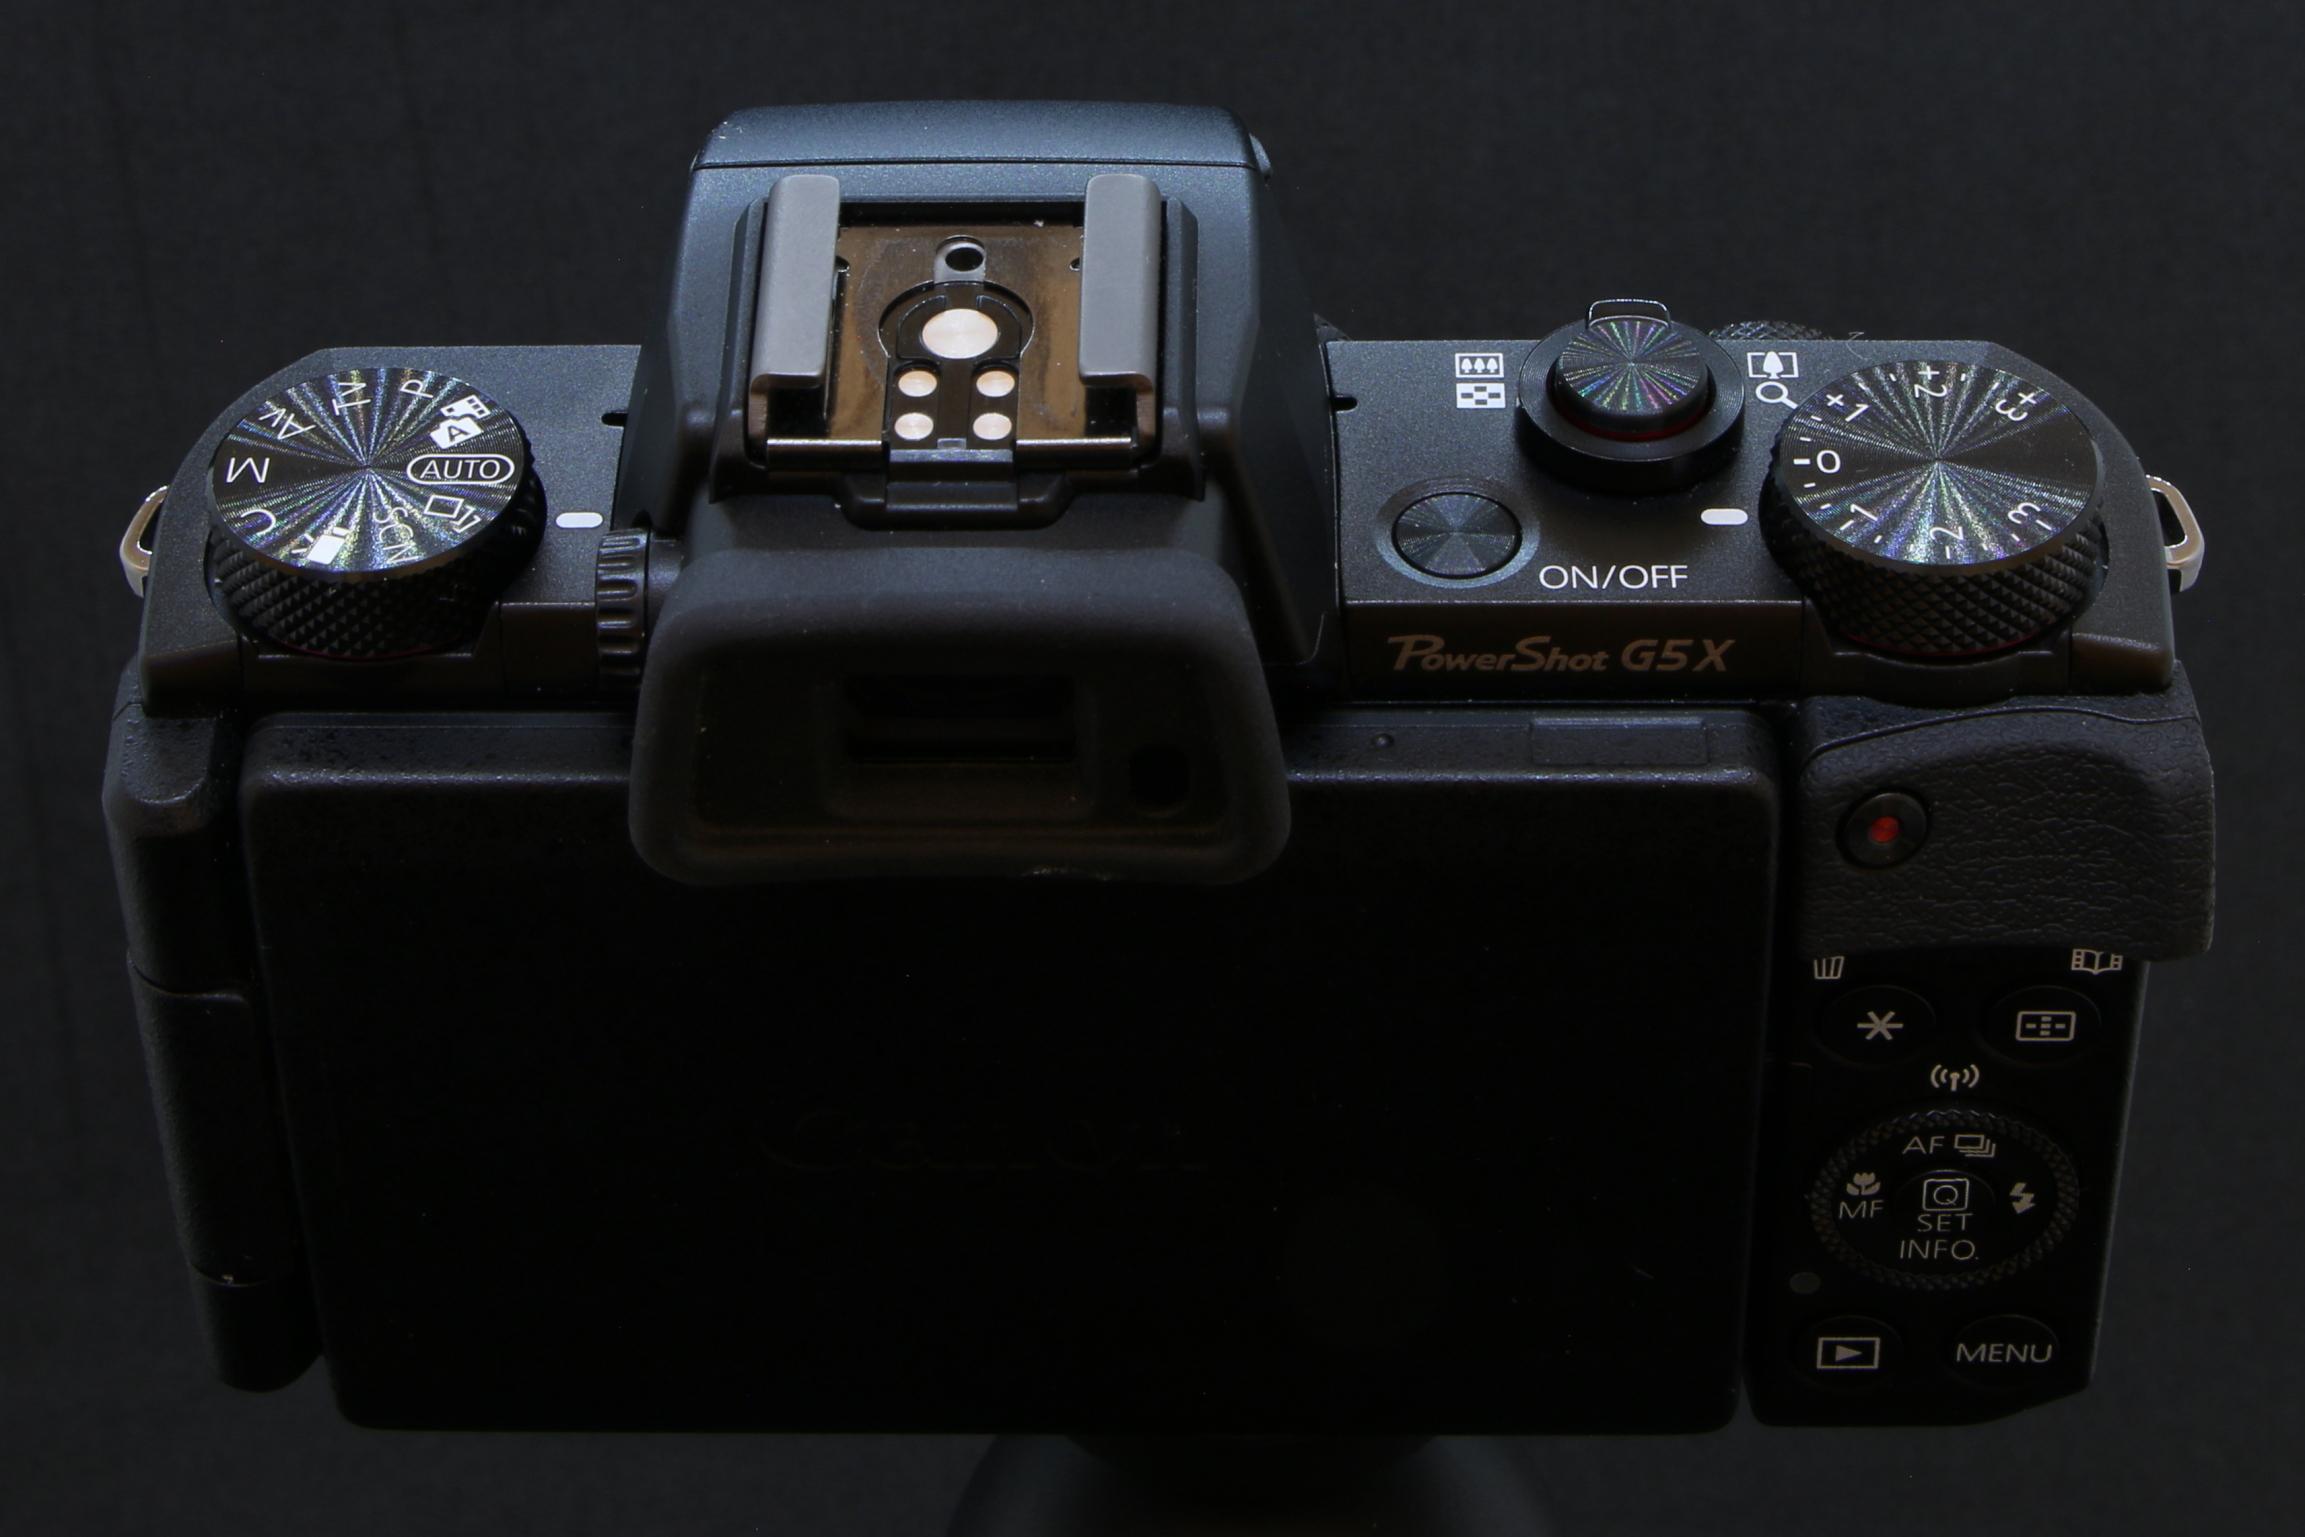 G5X-00000073.jpg